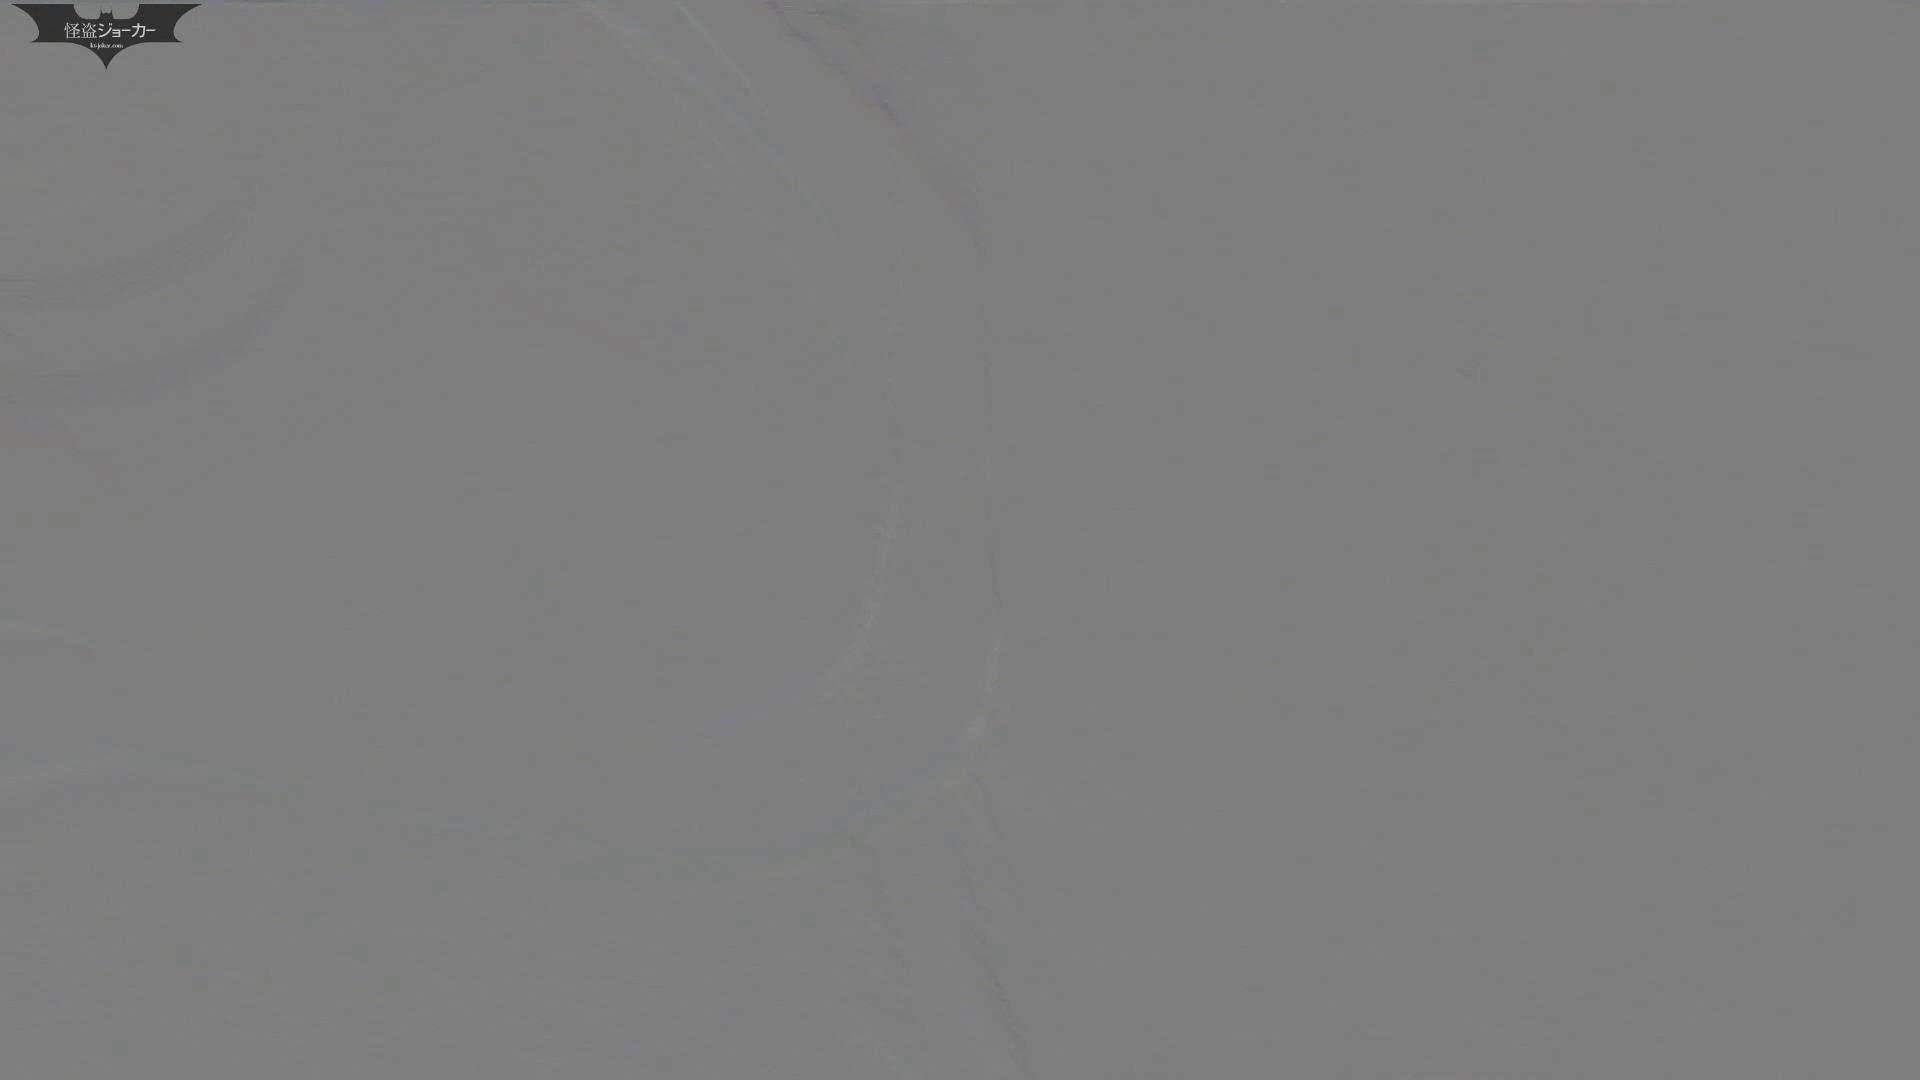 阿国ちゃんの和式洋式七変化 Vol.25 ん?突起物が・・・。 OL | 洗面所着替え  64連発 61